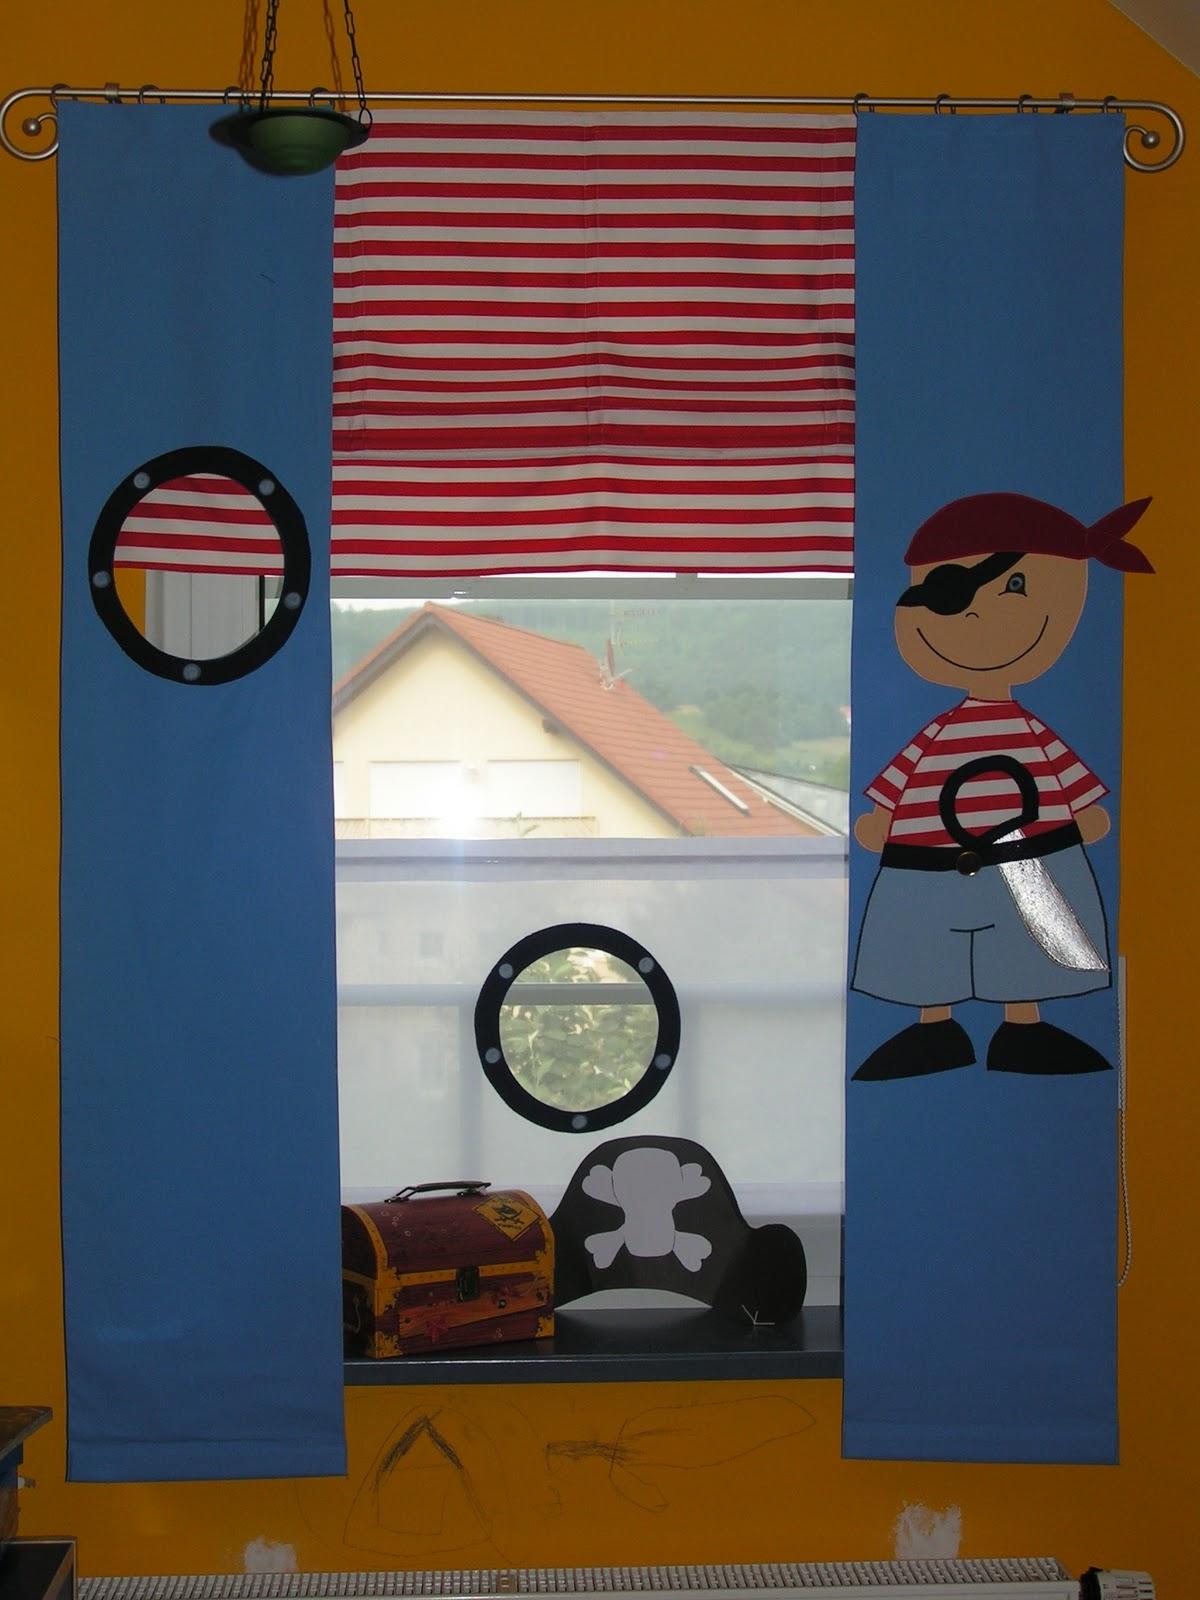 Mimi muffin piraten und ihre zimmer - Piratenzimmer deko ...